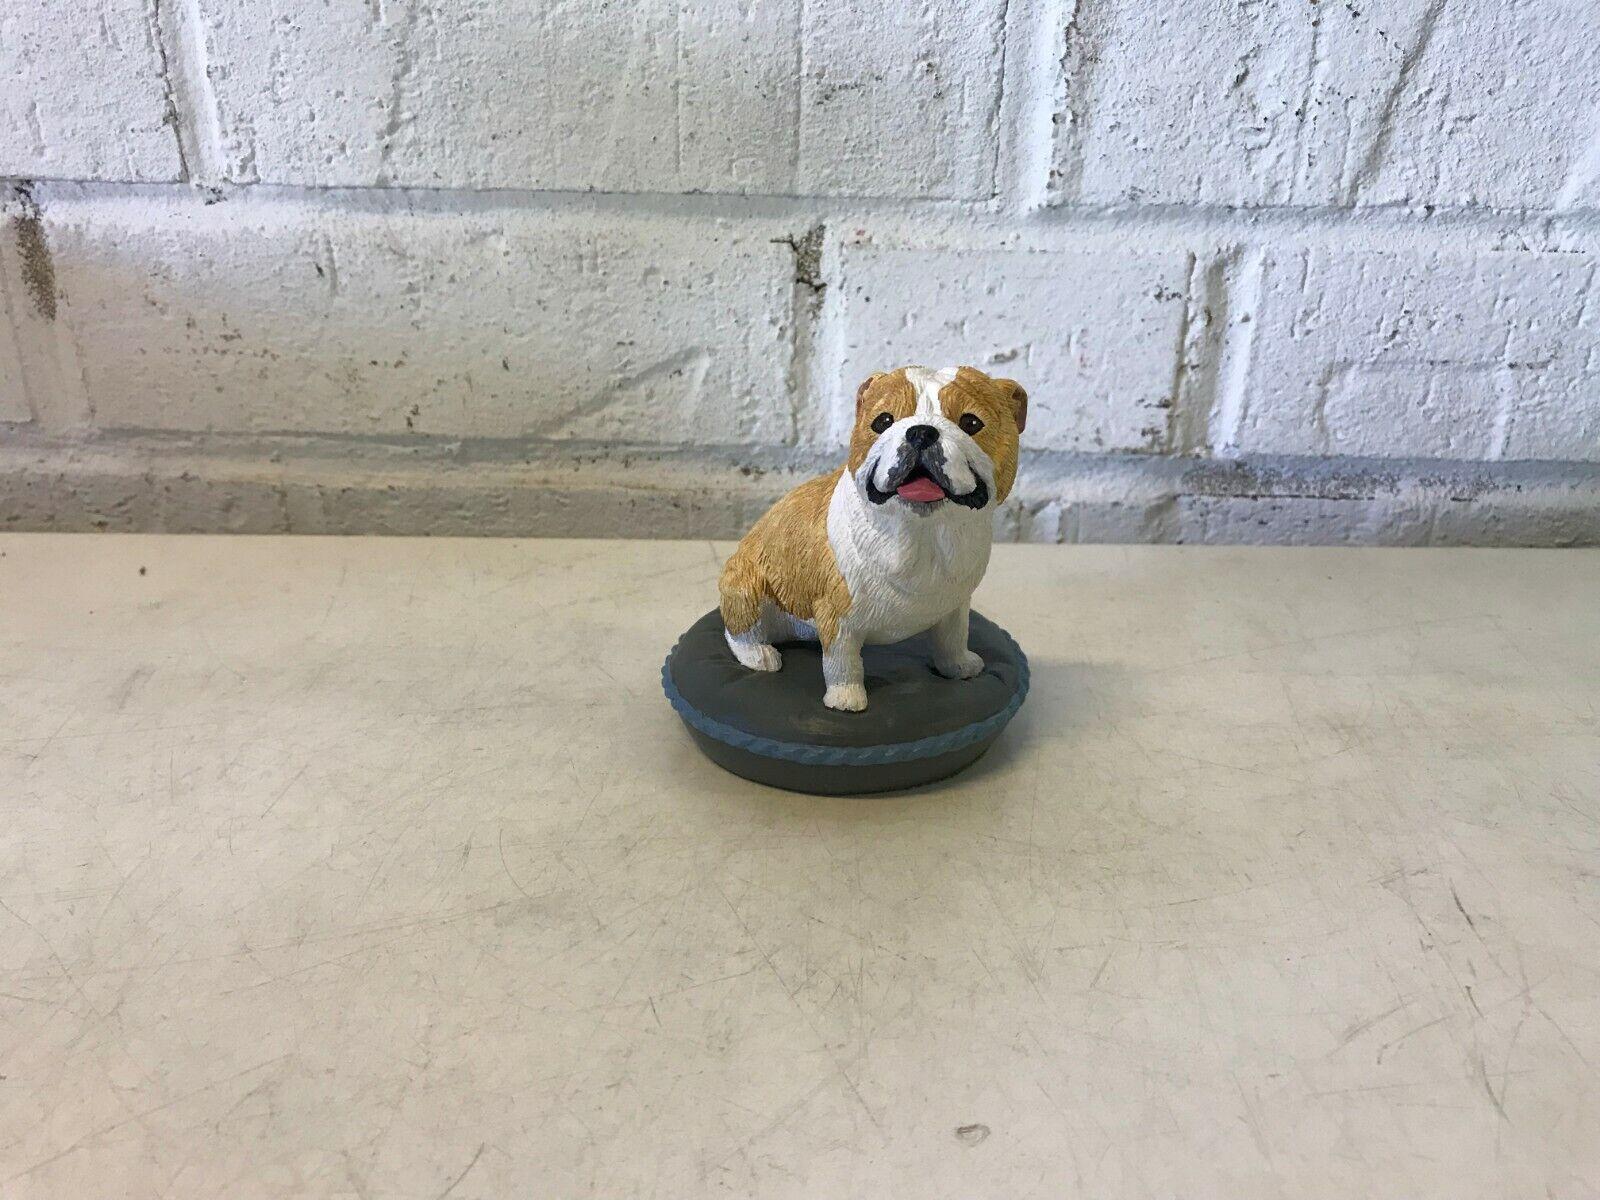 Bulldog anglais figurine assis sur un oreiller résine sks original 1991